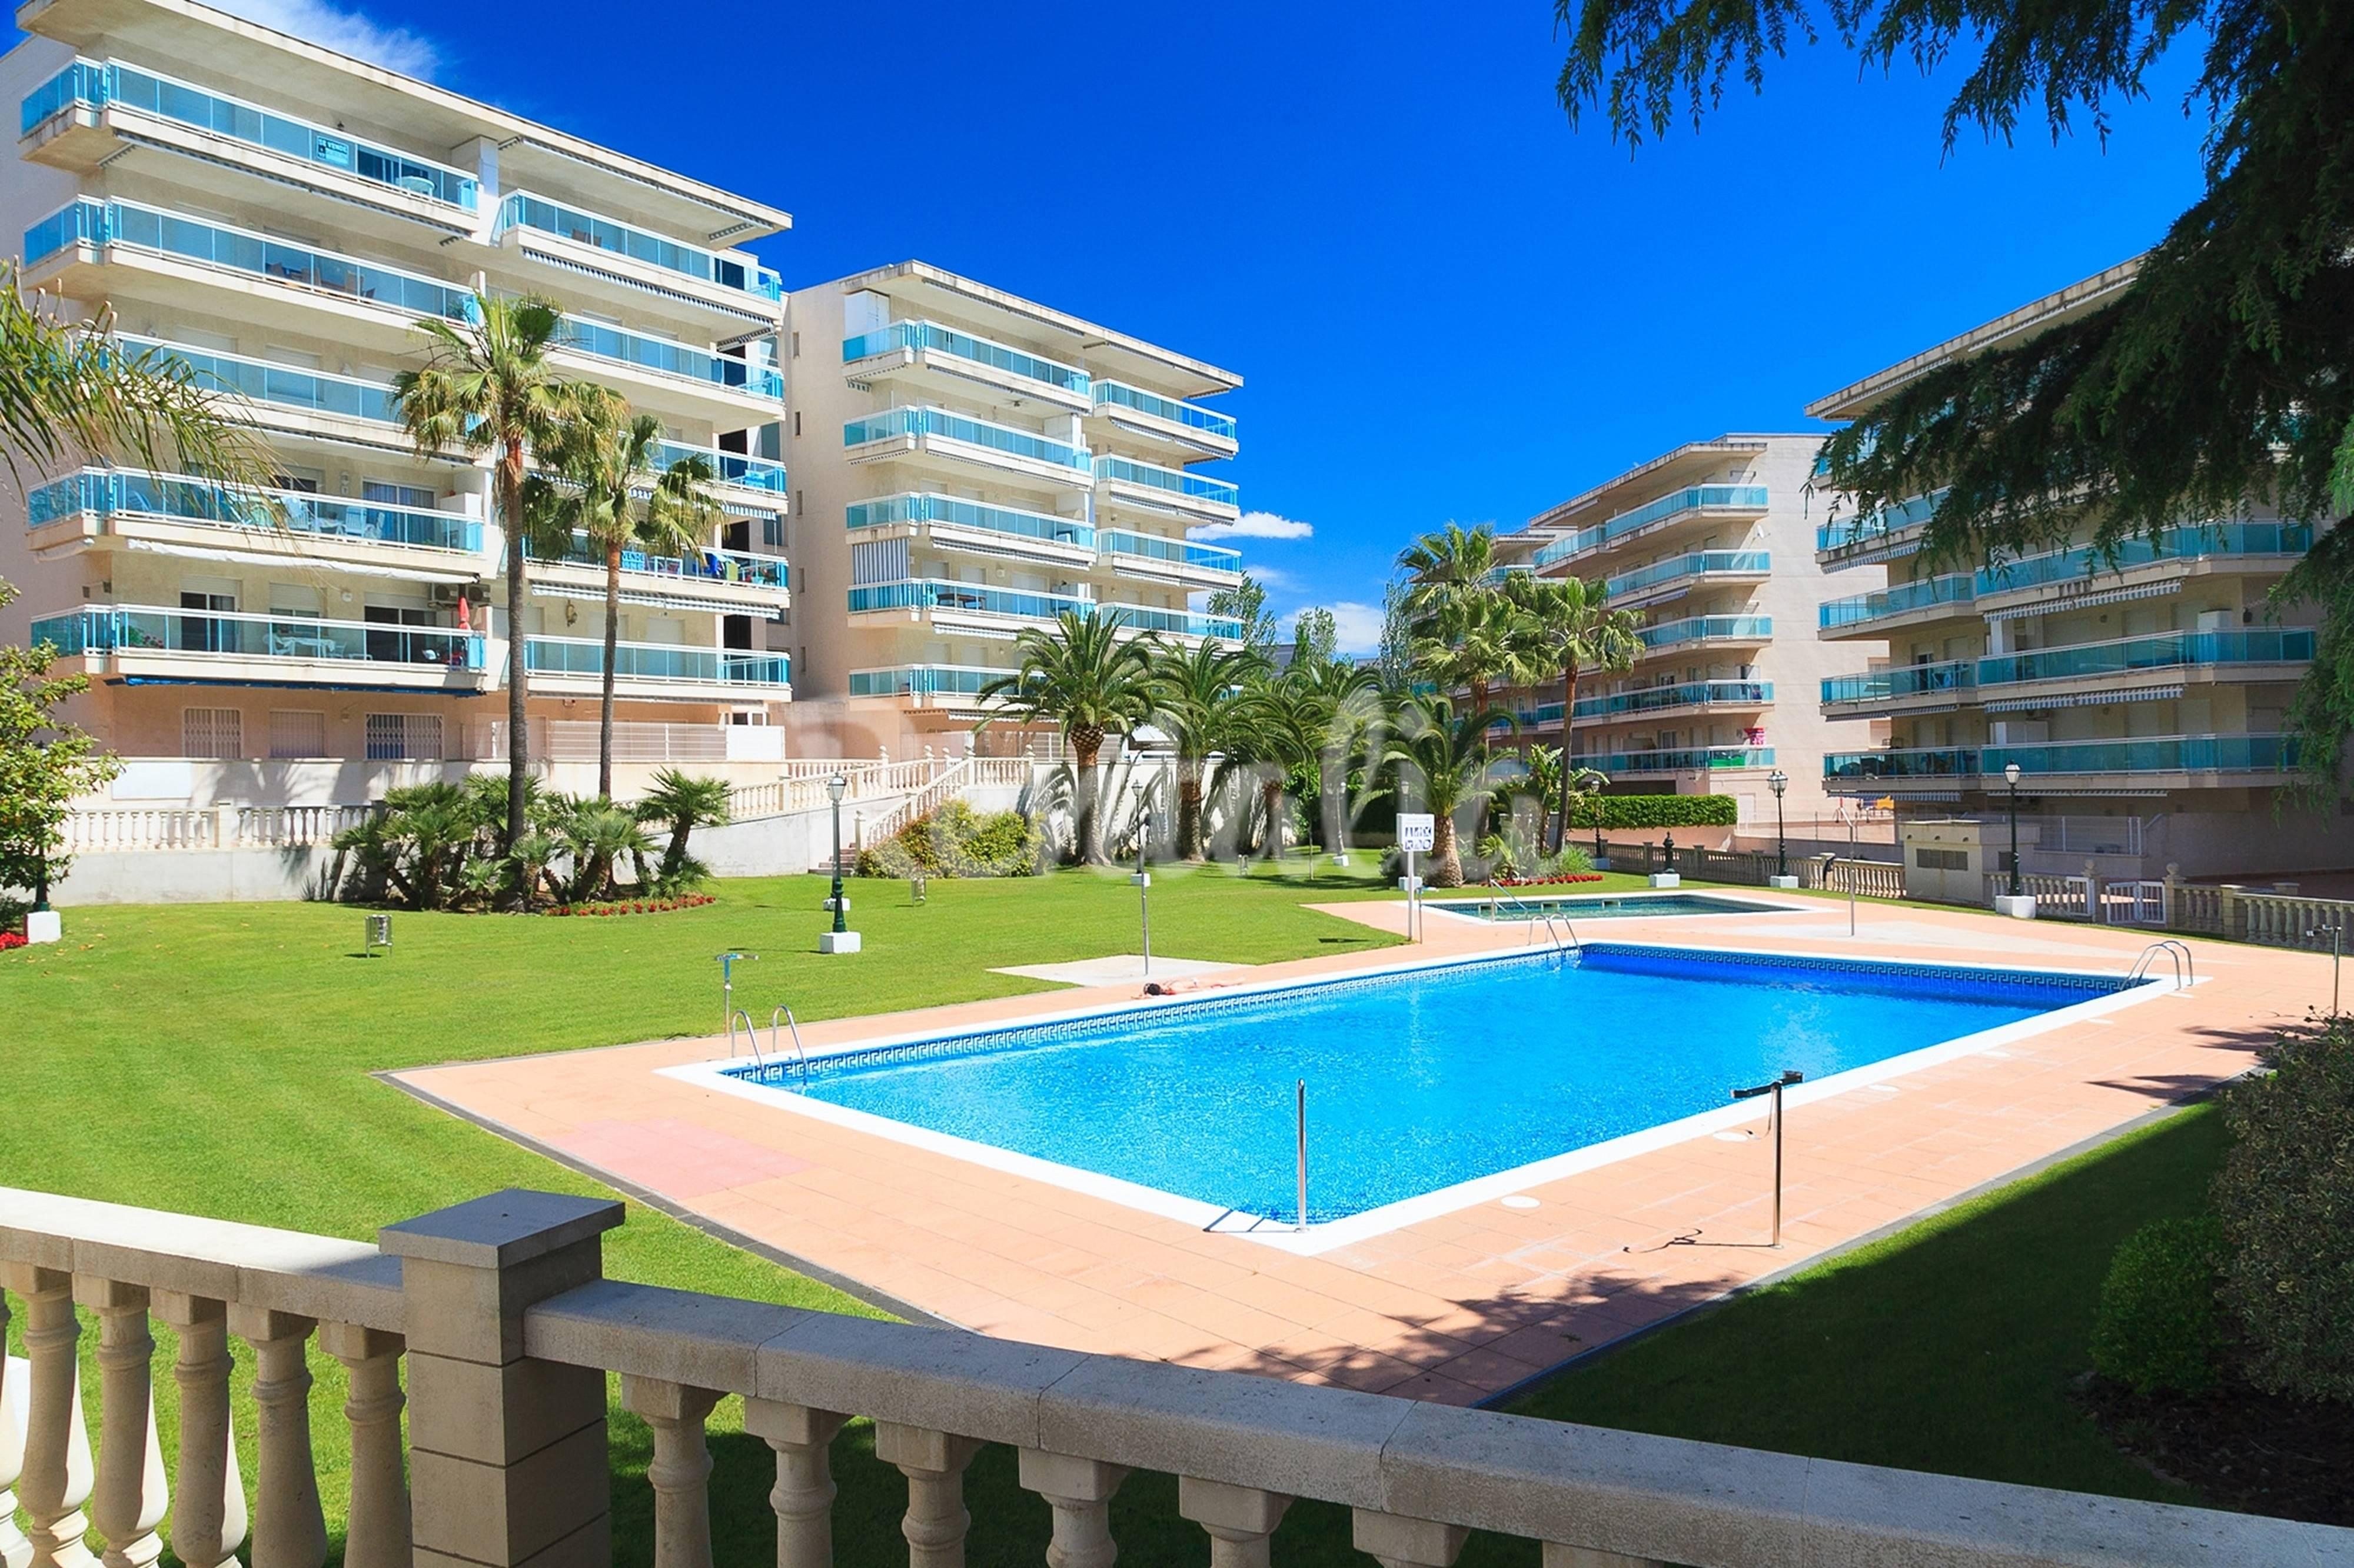 Apartamento con piscina y gran terraza con vistas salou for Hoteles con piscina en tarragona